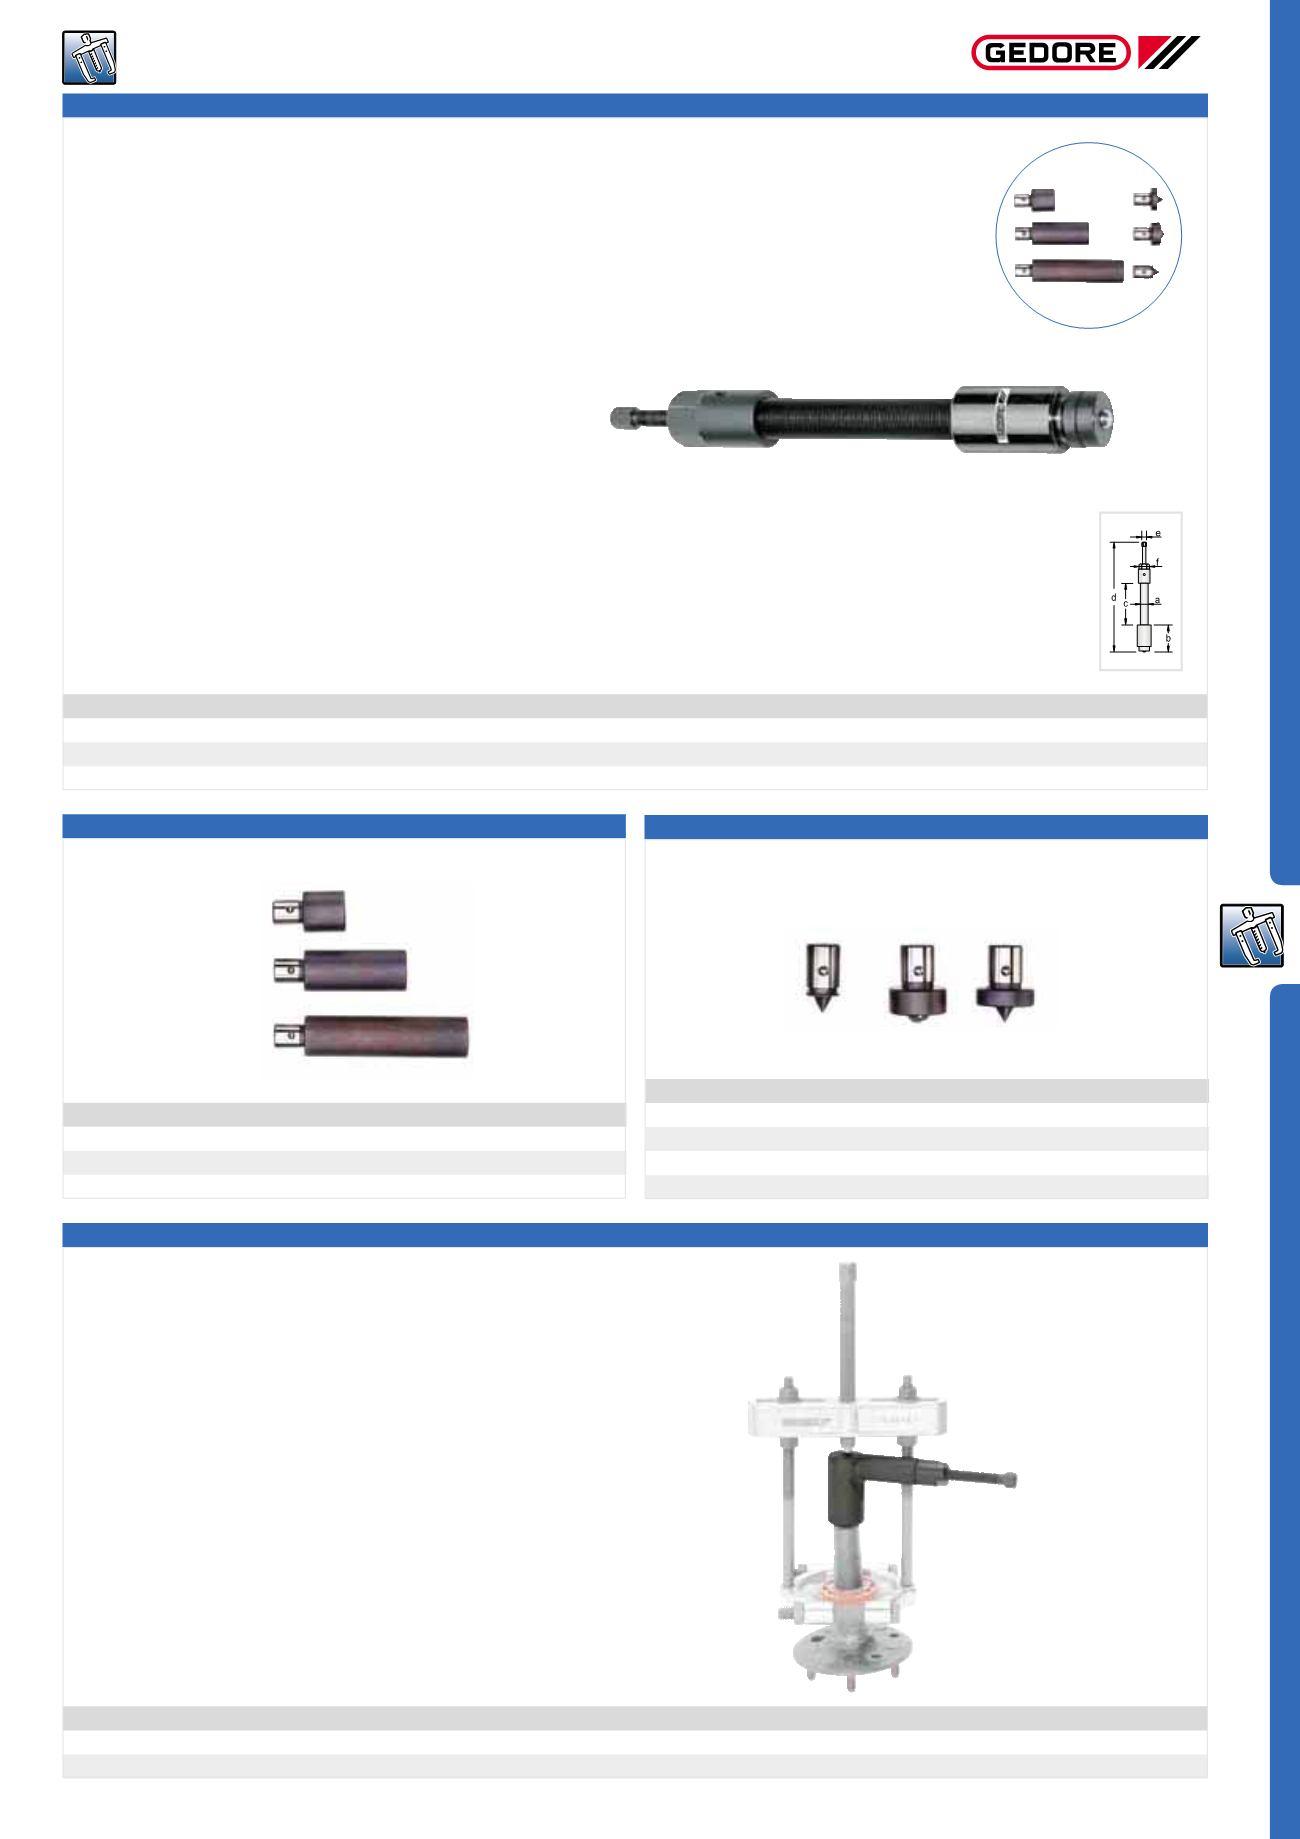 Wellenunterst/ützung und flexible Welle Kugellager Wellenkupplung optische Achse und Stehlager CNBTR vertikale Leitspindel und Schaft aus Blei Gleitblock mit Dual-Schiene 15/St/ück